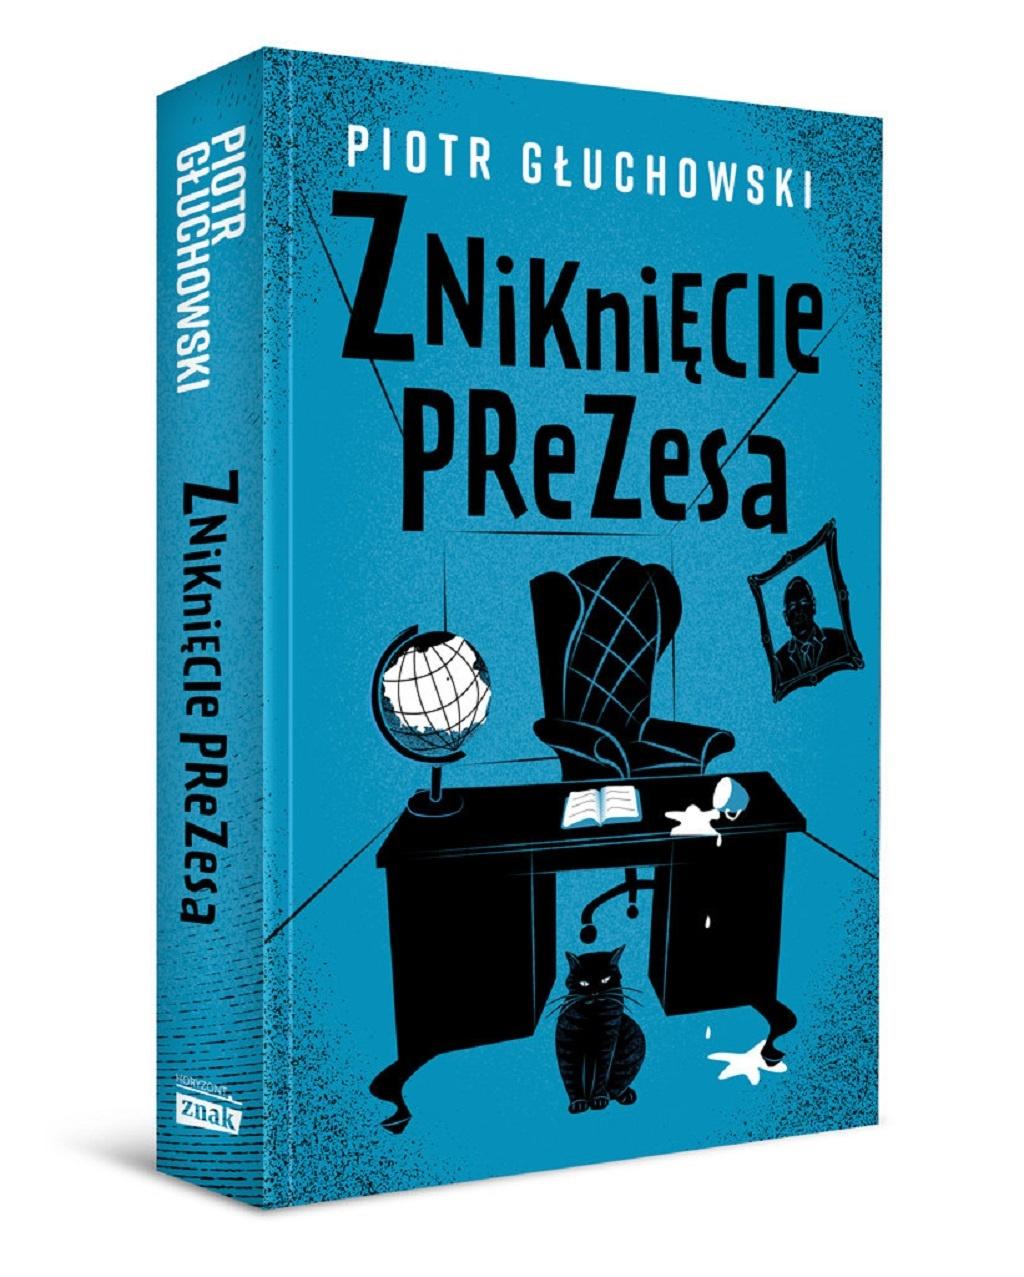 Piotr Głuchowski – Zniknięcie Prezesa